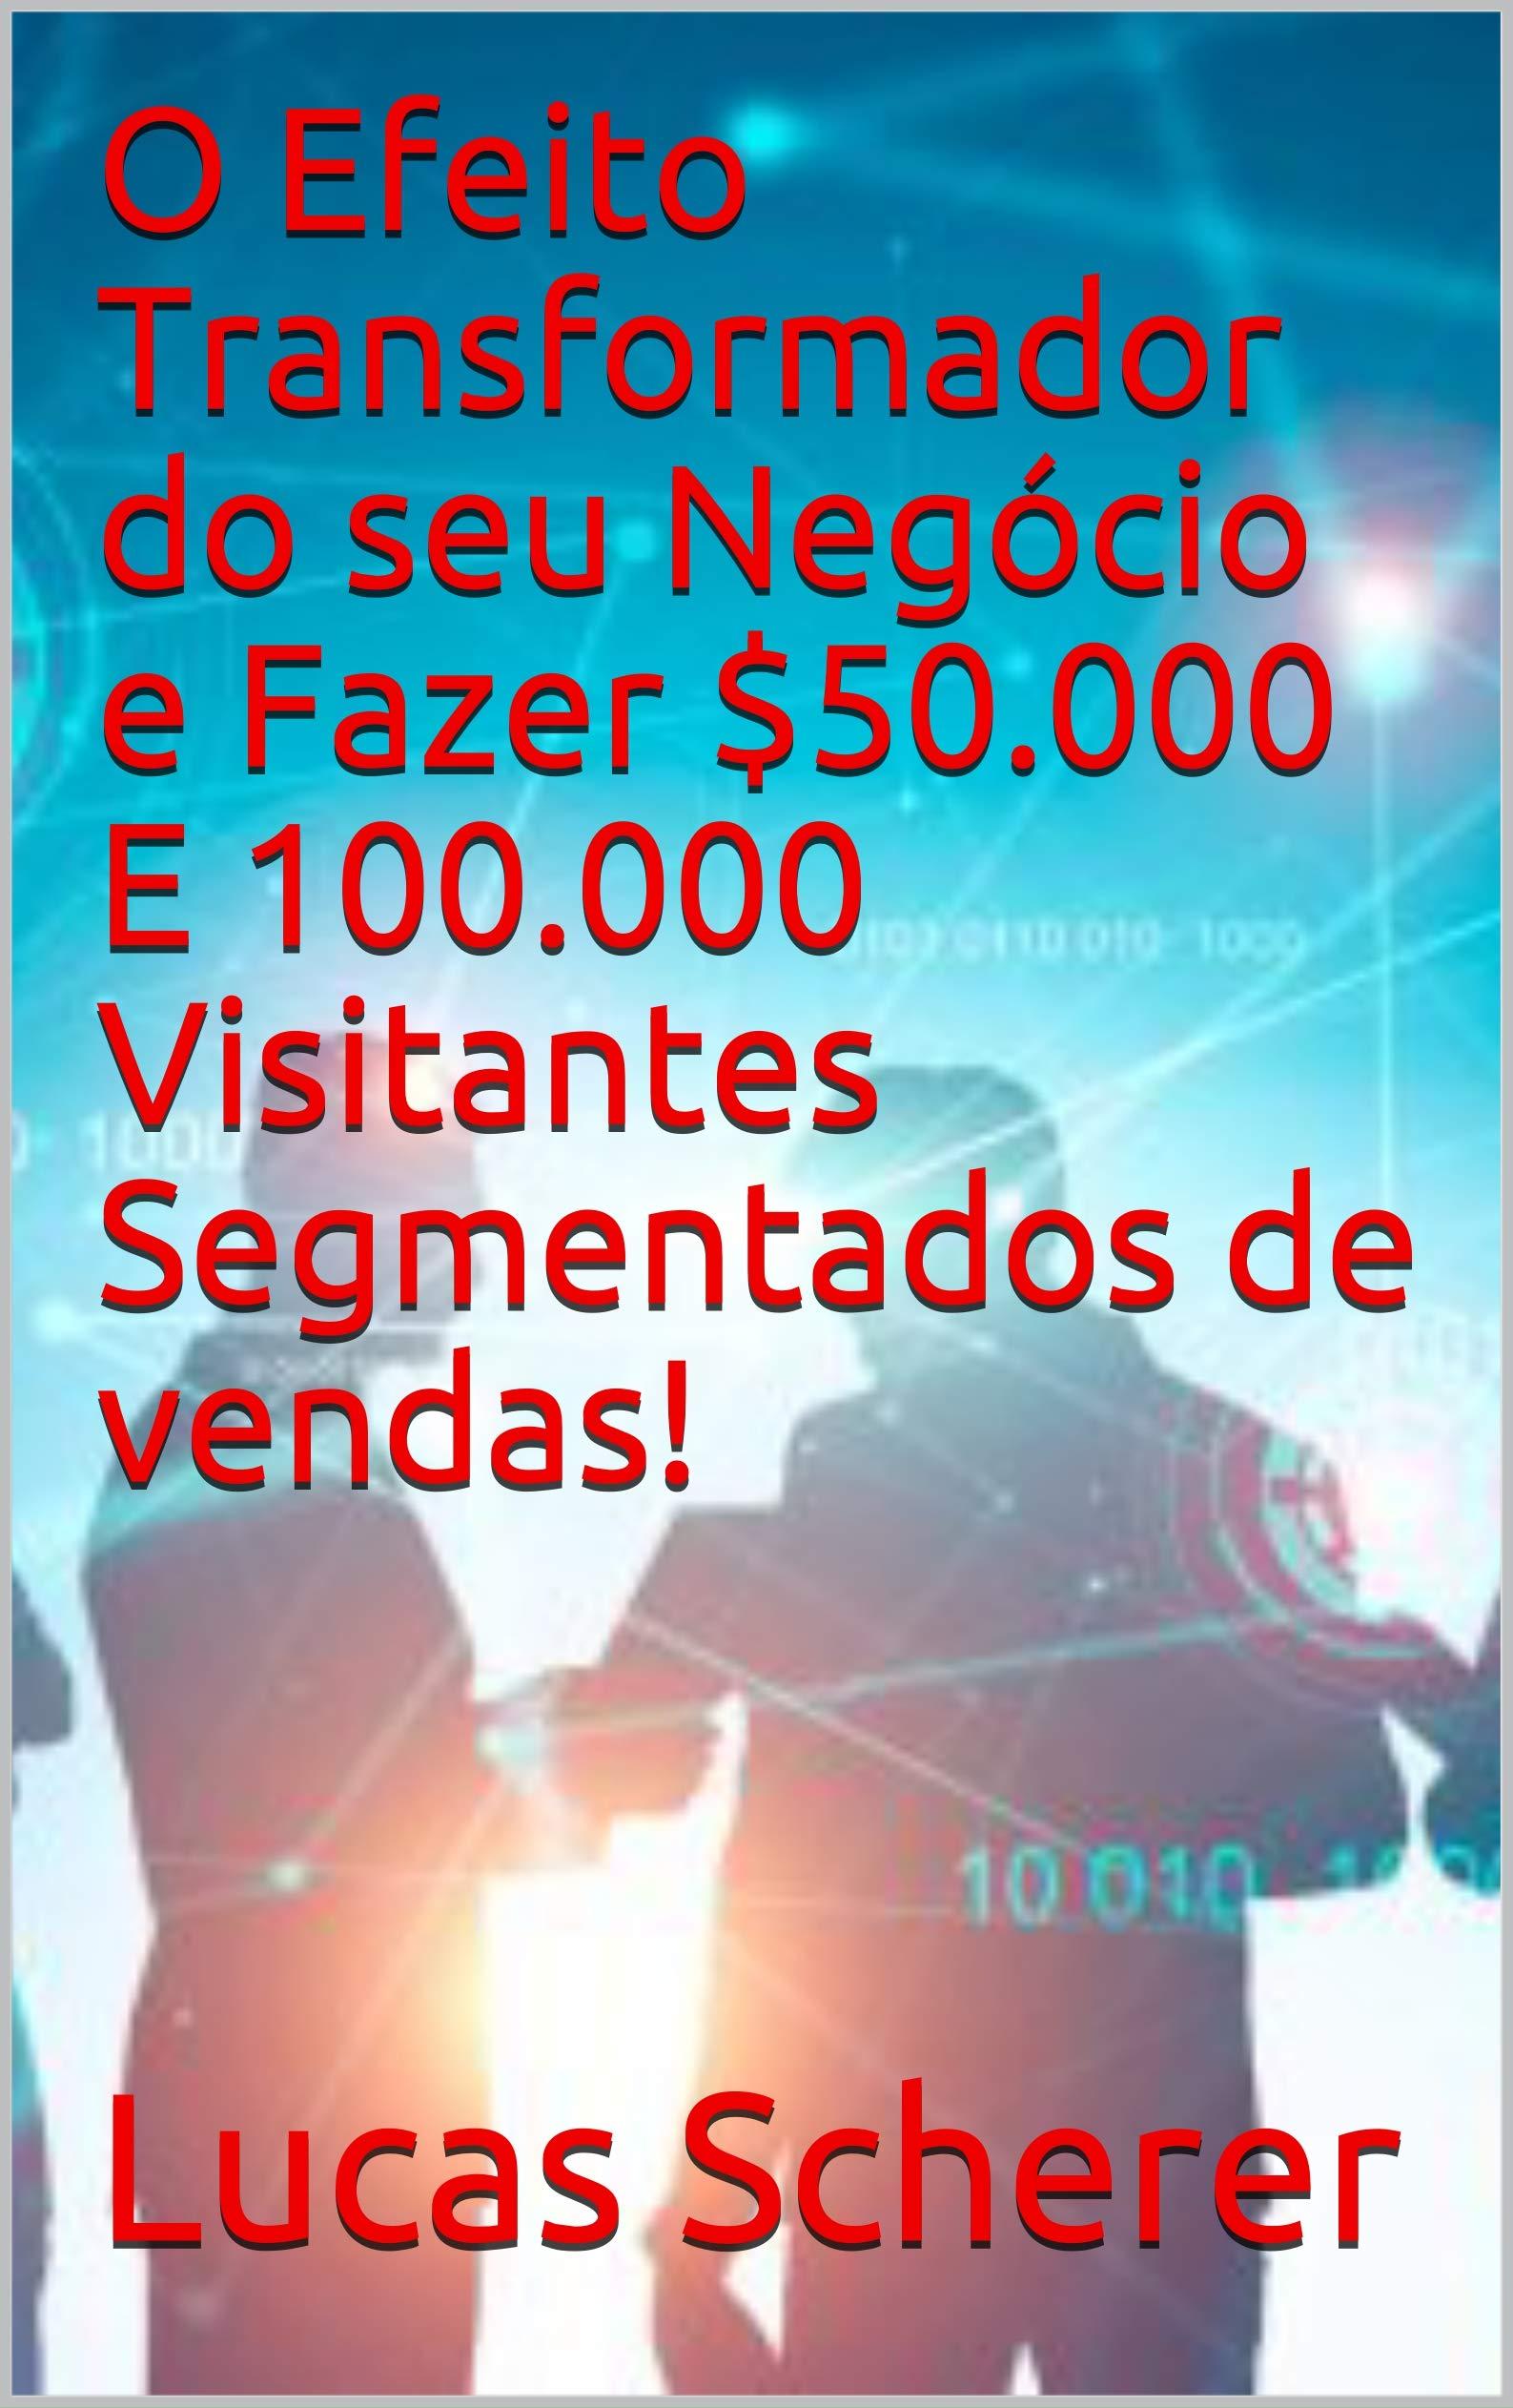 O Efeito Transformador do seu Negócio e Fazer $50.000 E 100.000 Visitantes Segmentados de vendas! (Portuguese Edition)